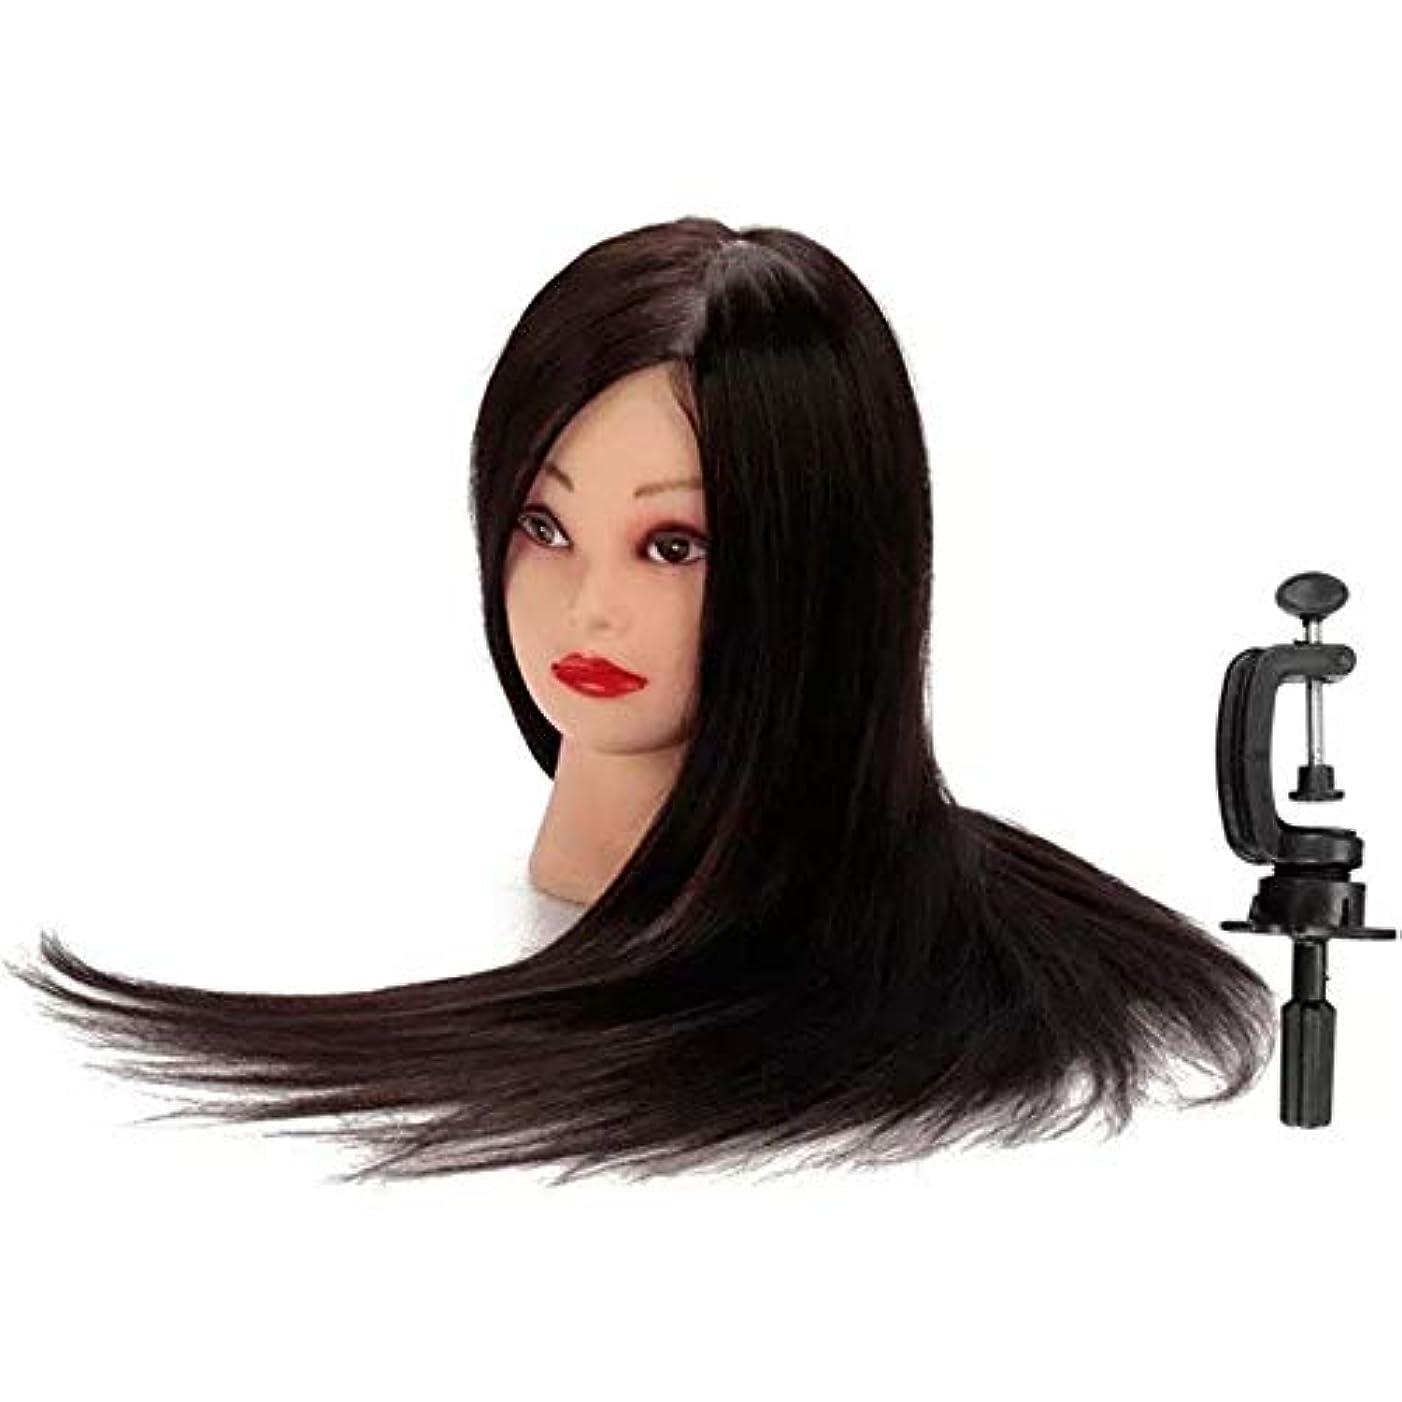 書誌実験的煩わしいウイッグ マネキンヘッド 50%のブラック本物の人間の髪の毛のトレーニング頭部理髪カッティング練習マネキンモデルクランプホルダ 練習用 (色 : ブラック, サイズ : 25*15*11cm)